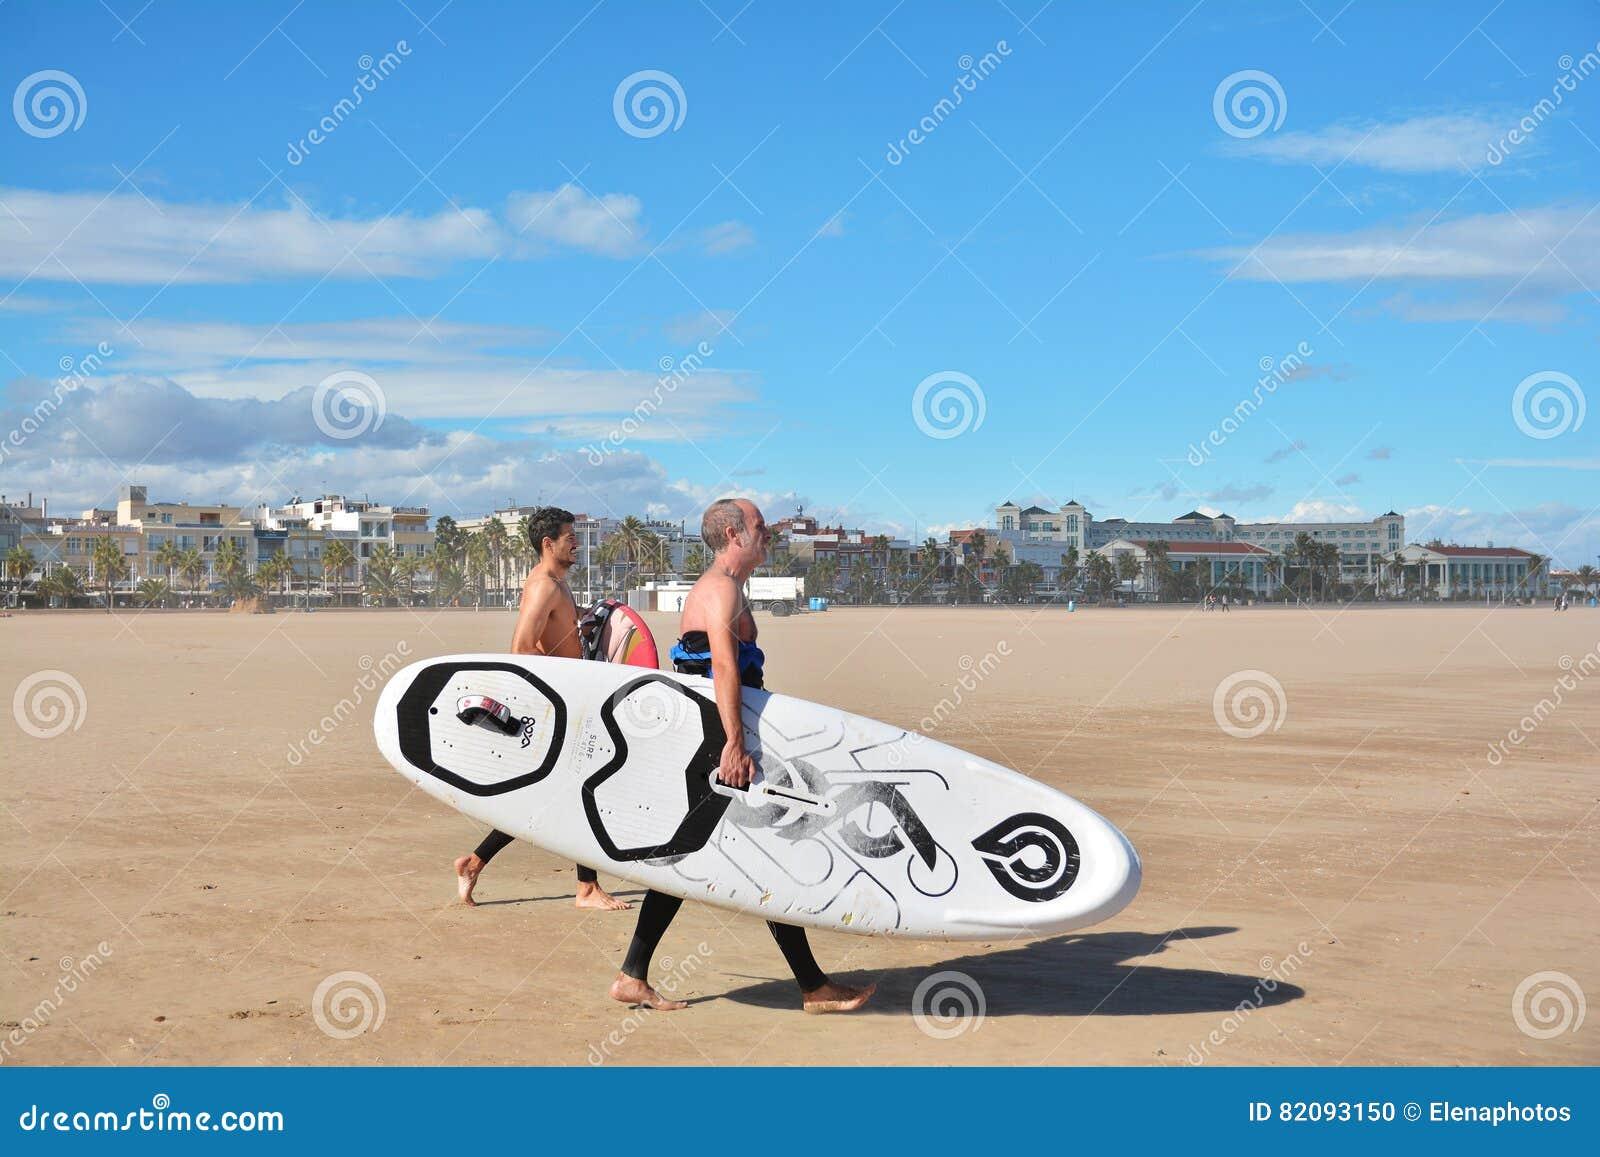 Windsurfers spiaggia di malvarrosa valencia spagna for Spiaggia malvarrosa valencia